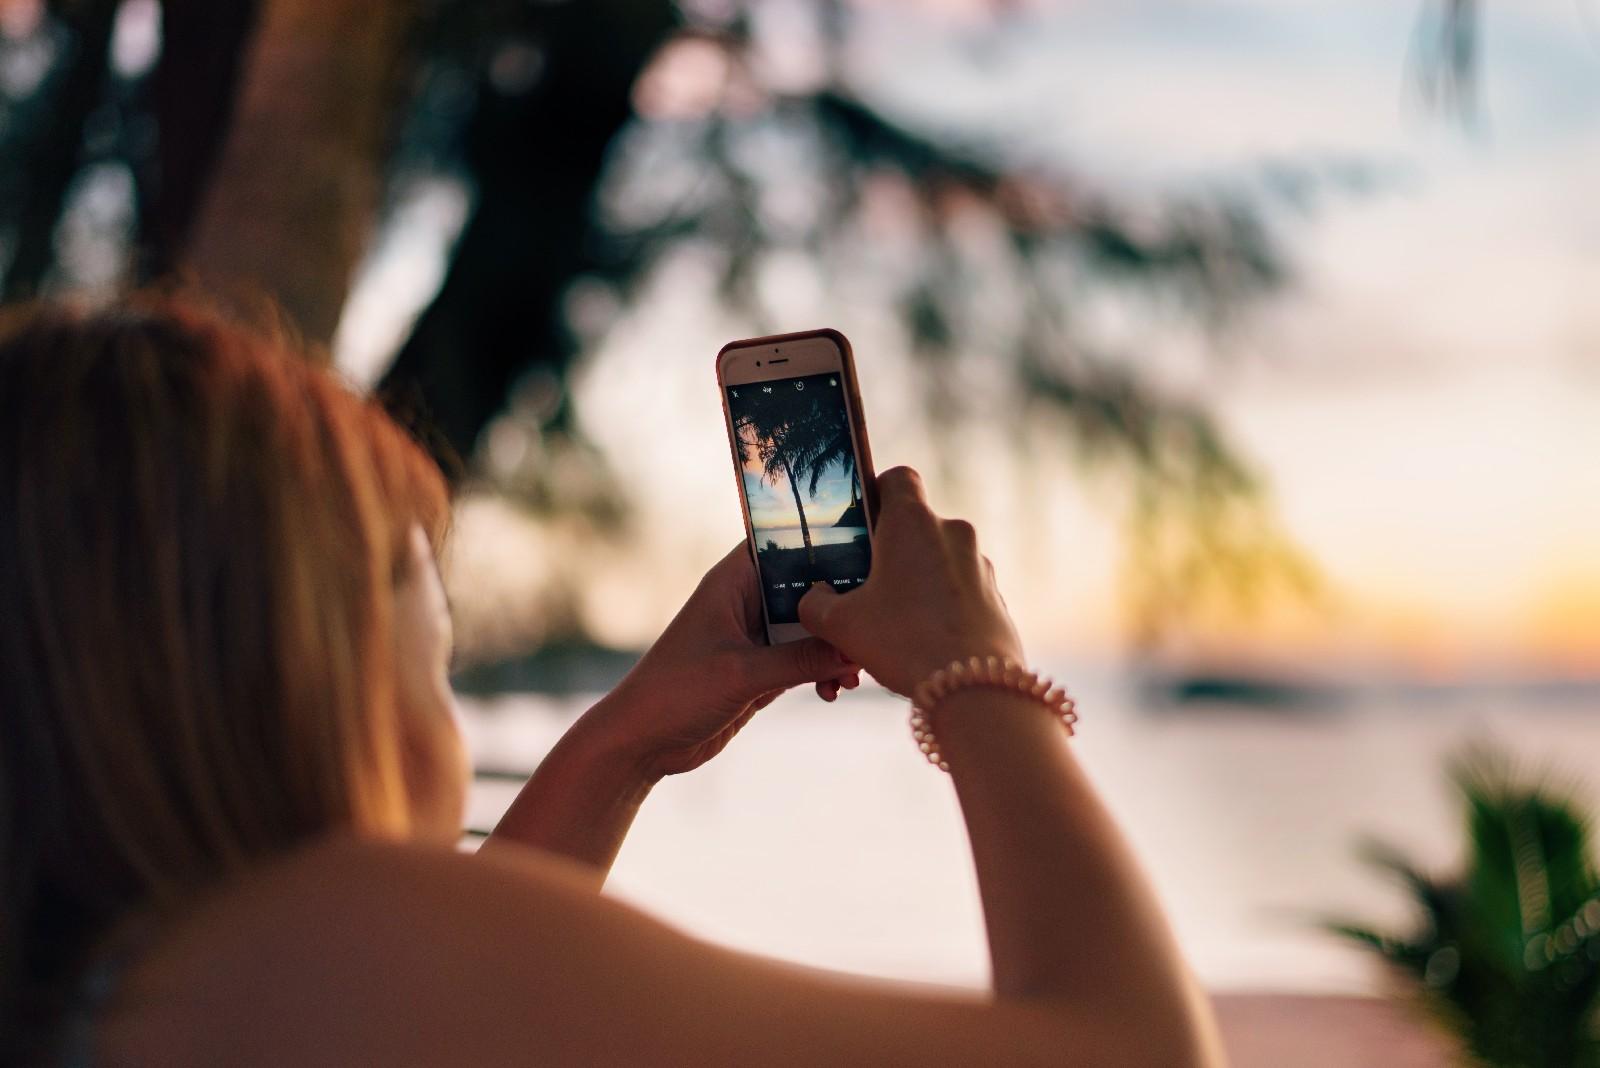 Fakty i mity o trybie HDR przy zdjęciach robionych smartfonem